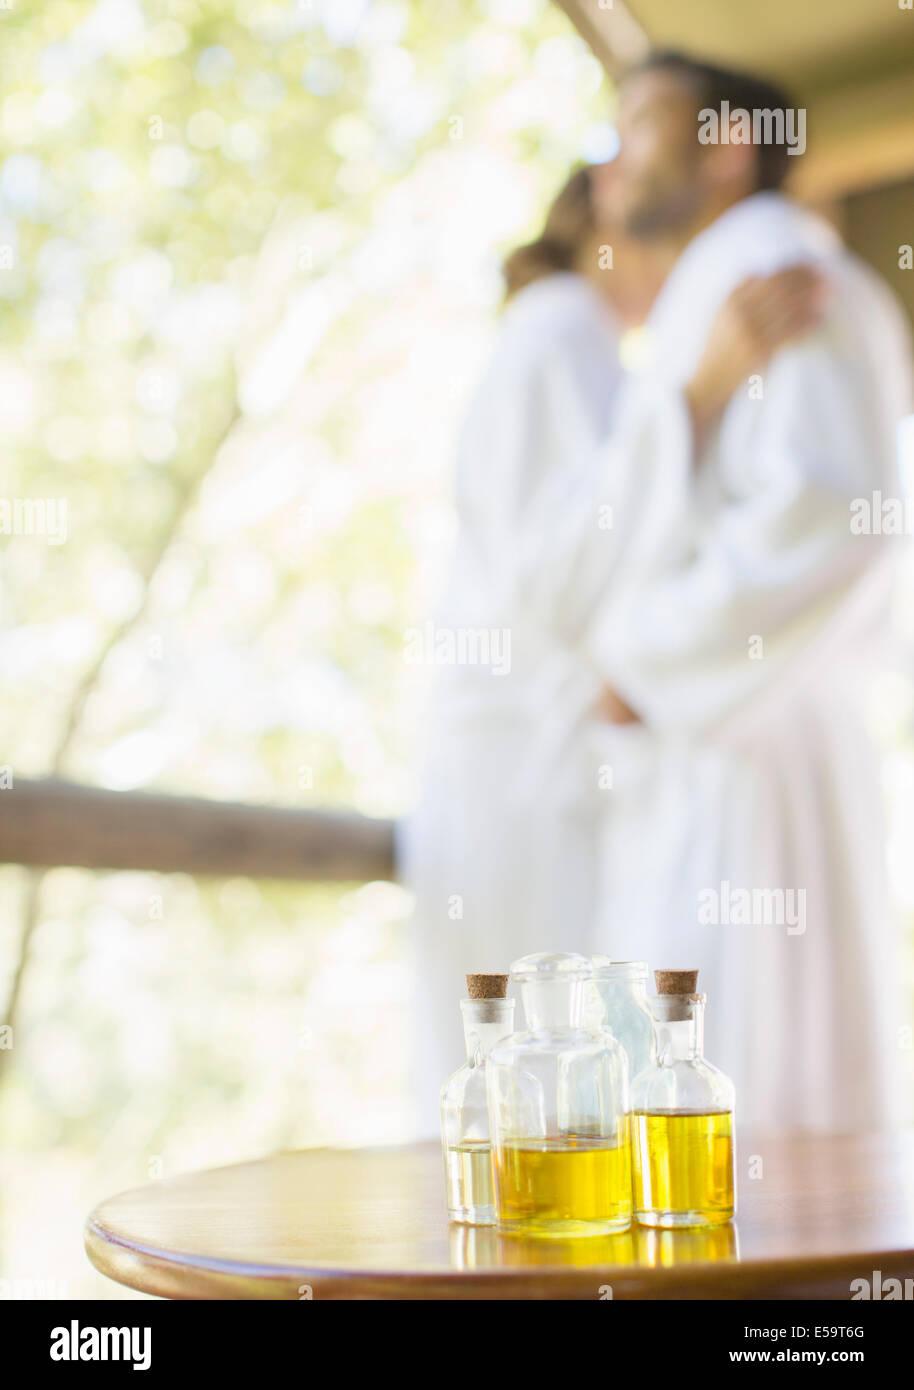 Bouteilles d'huile de massage sur table Photo Stock